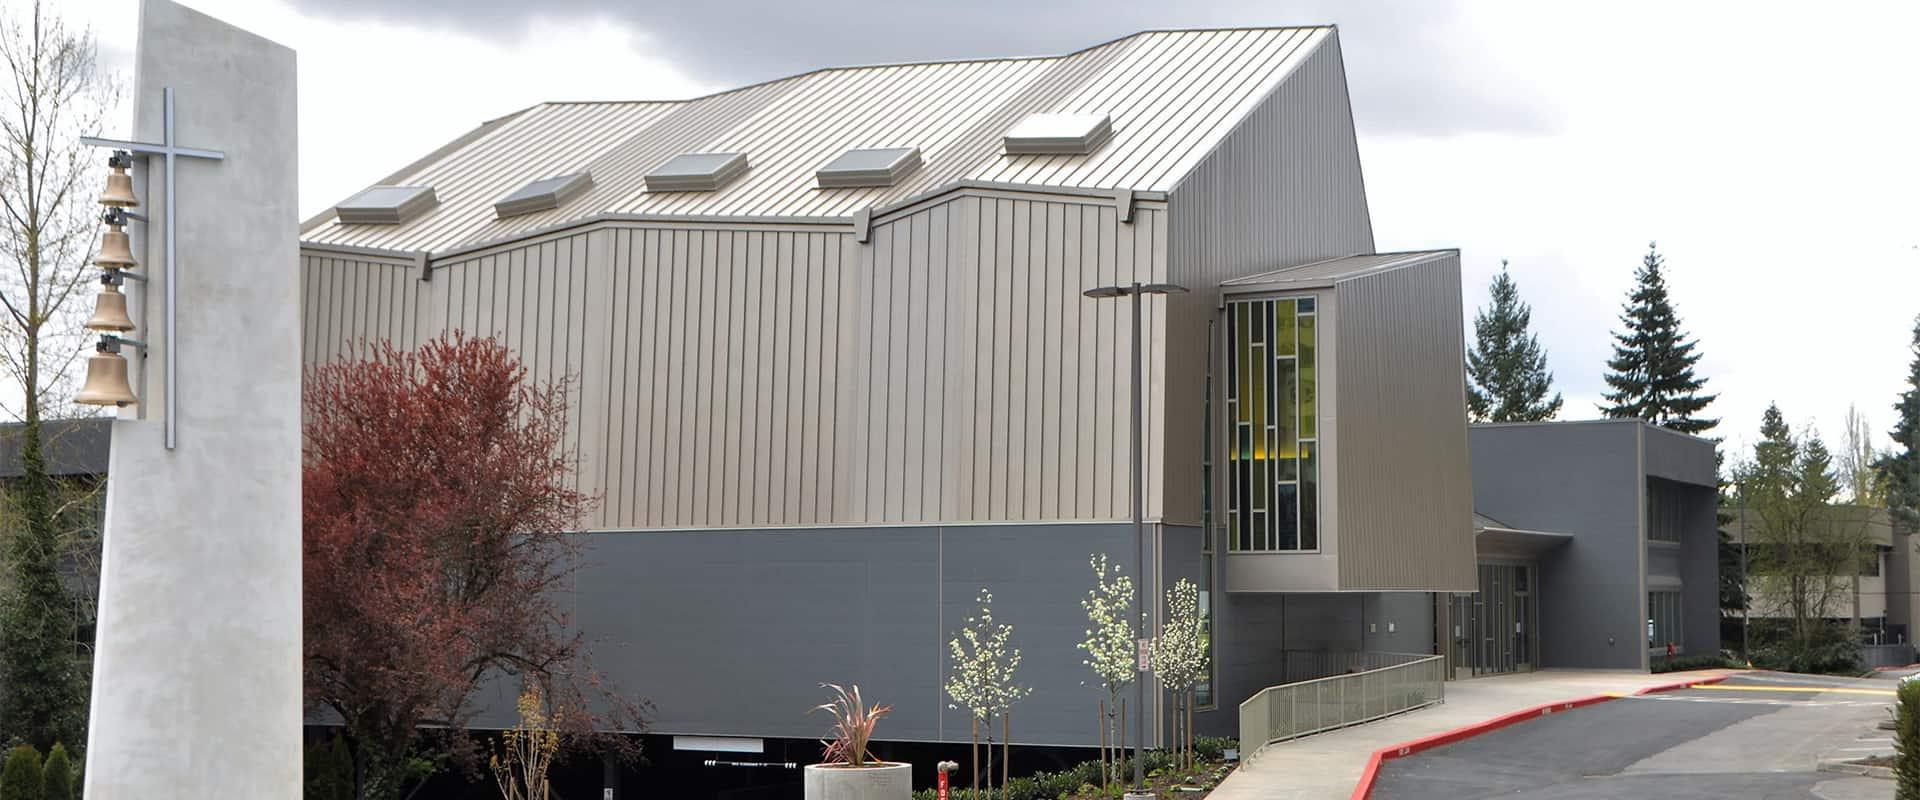 Bellevue First Congregational Church Building